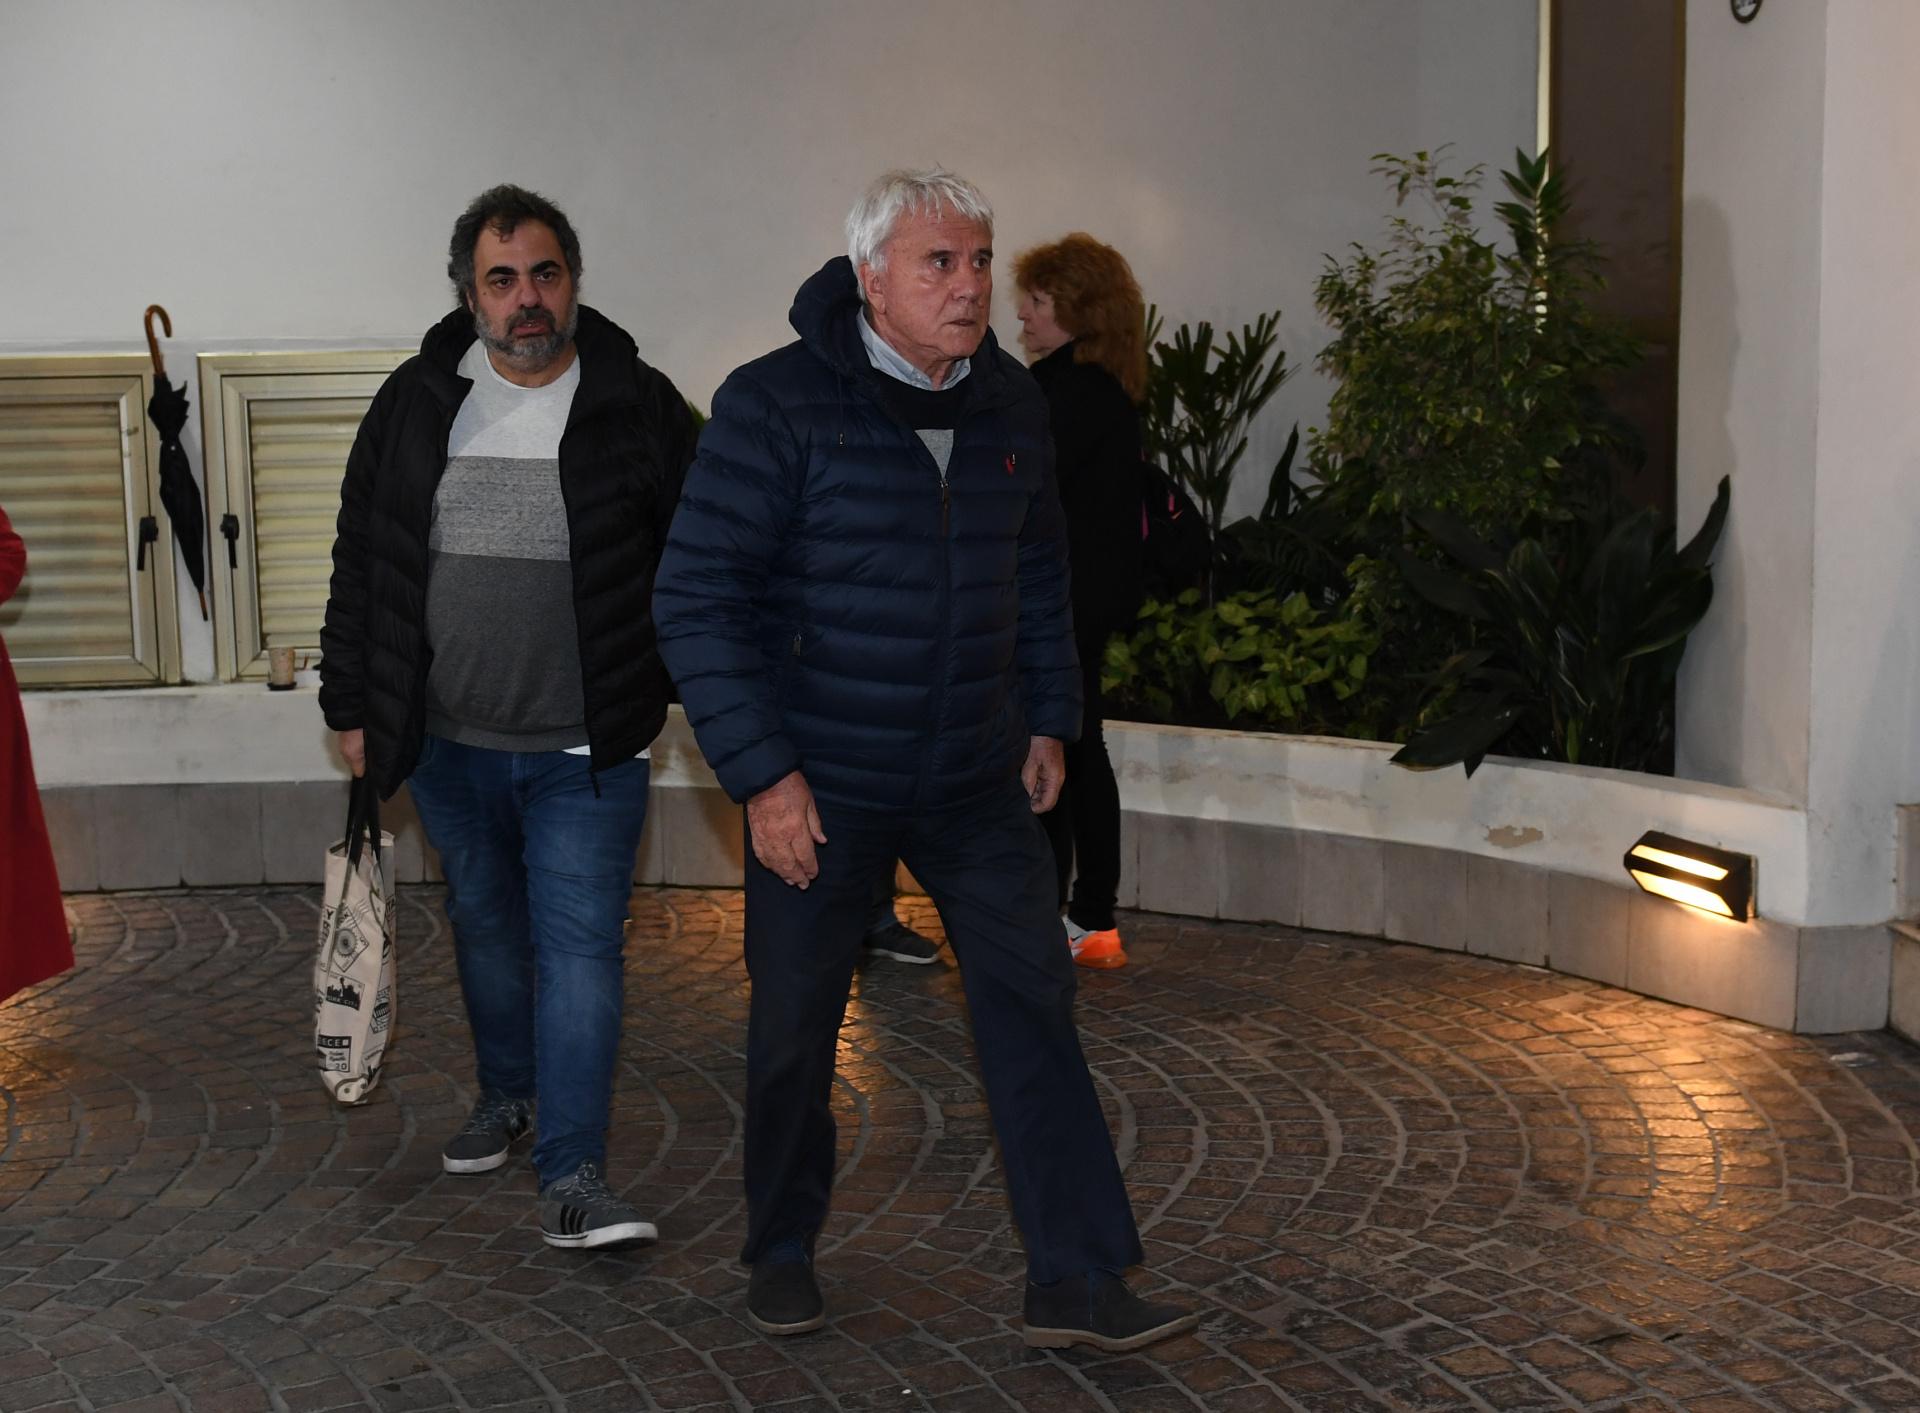 El periodista Fernando Bravo y el humorista Roberto Moldavsky